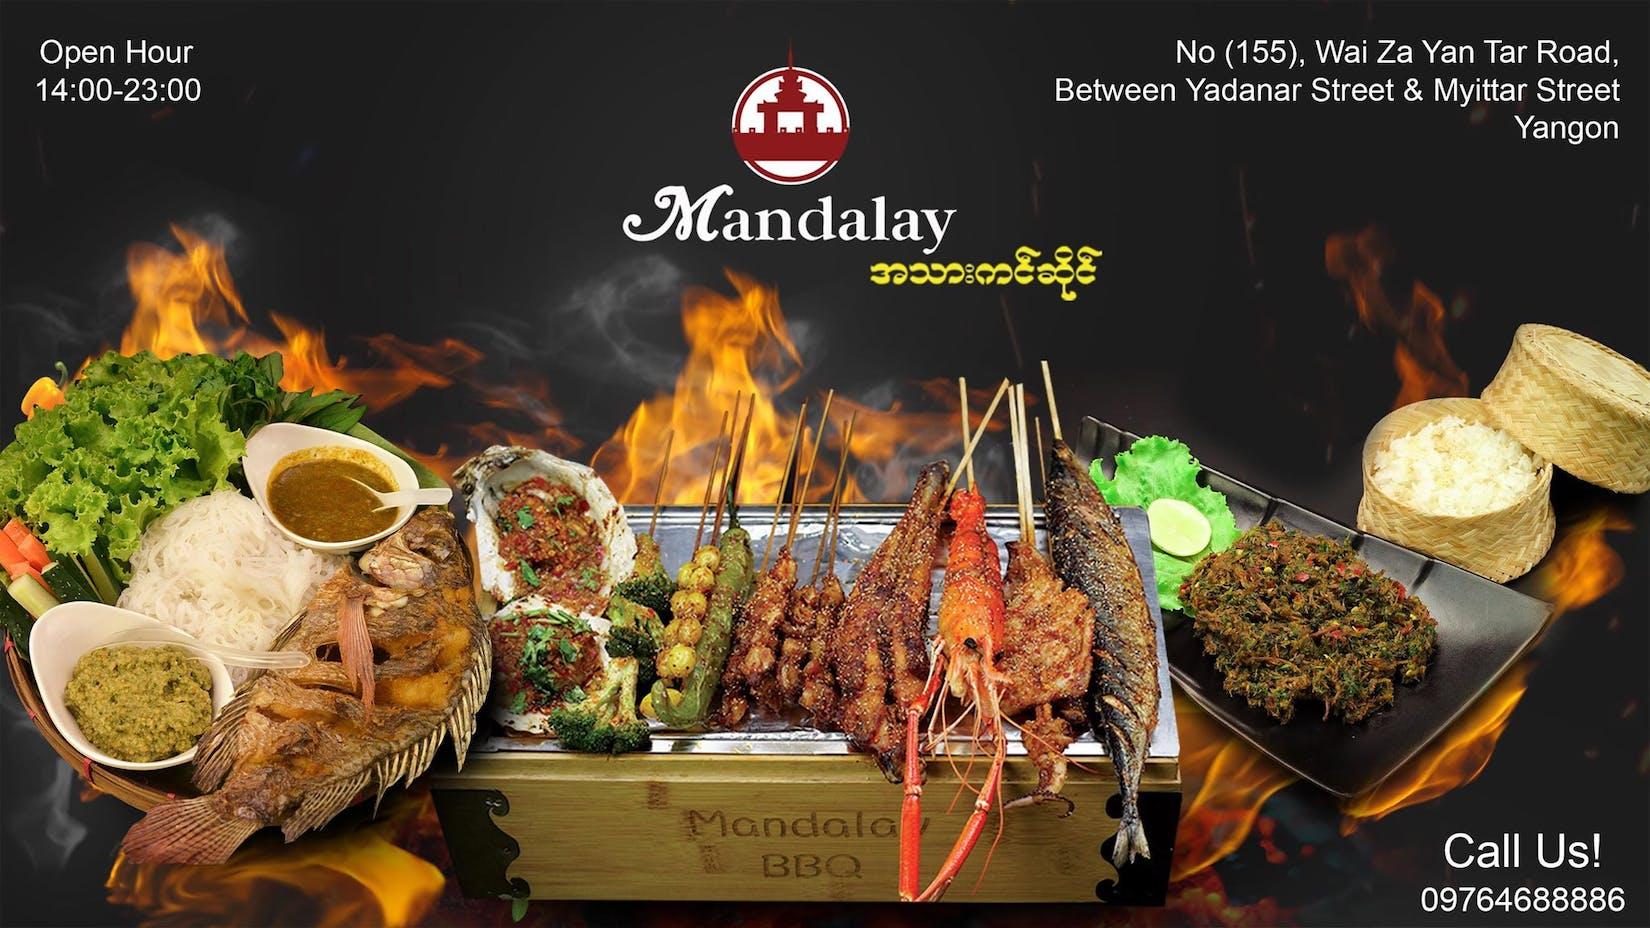 Mandalay BBQ | yathar